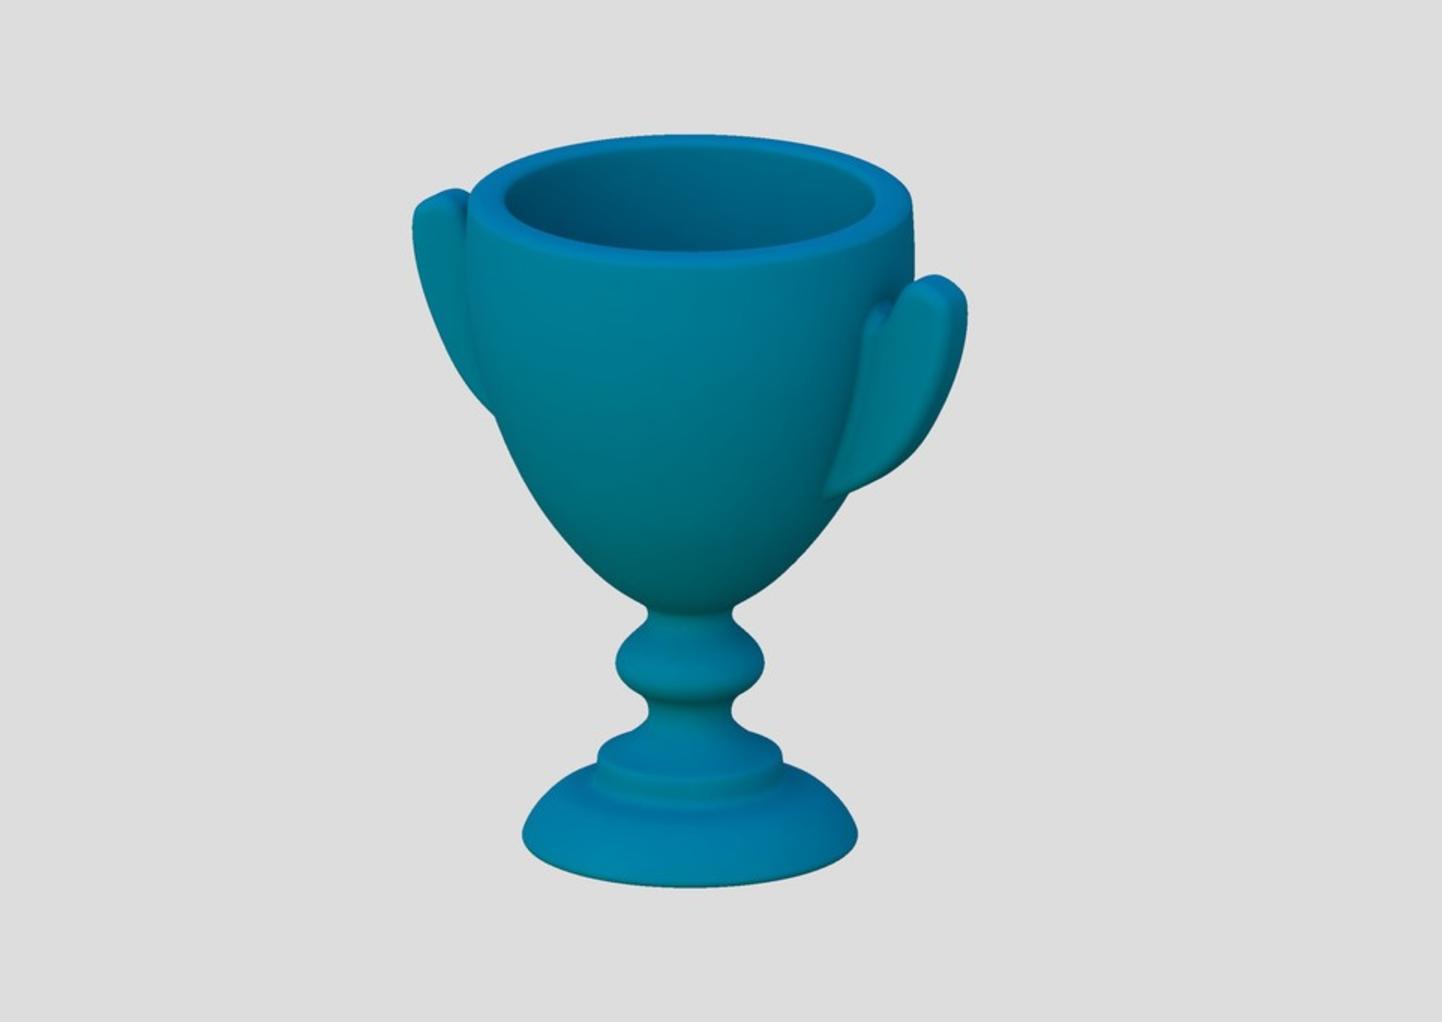 Capture d'écran 2017-04-12 à 14.25.30.png Download free STL file Trophy 2 • 3D printable design, Chrisibub